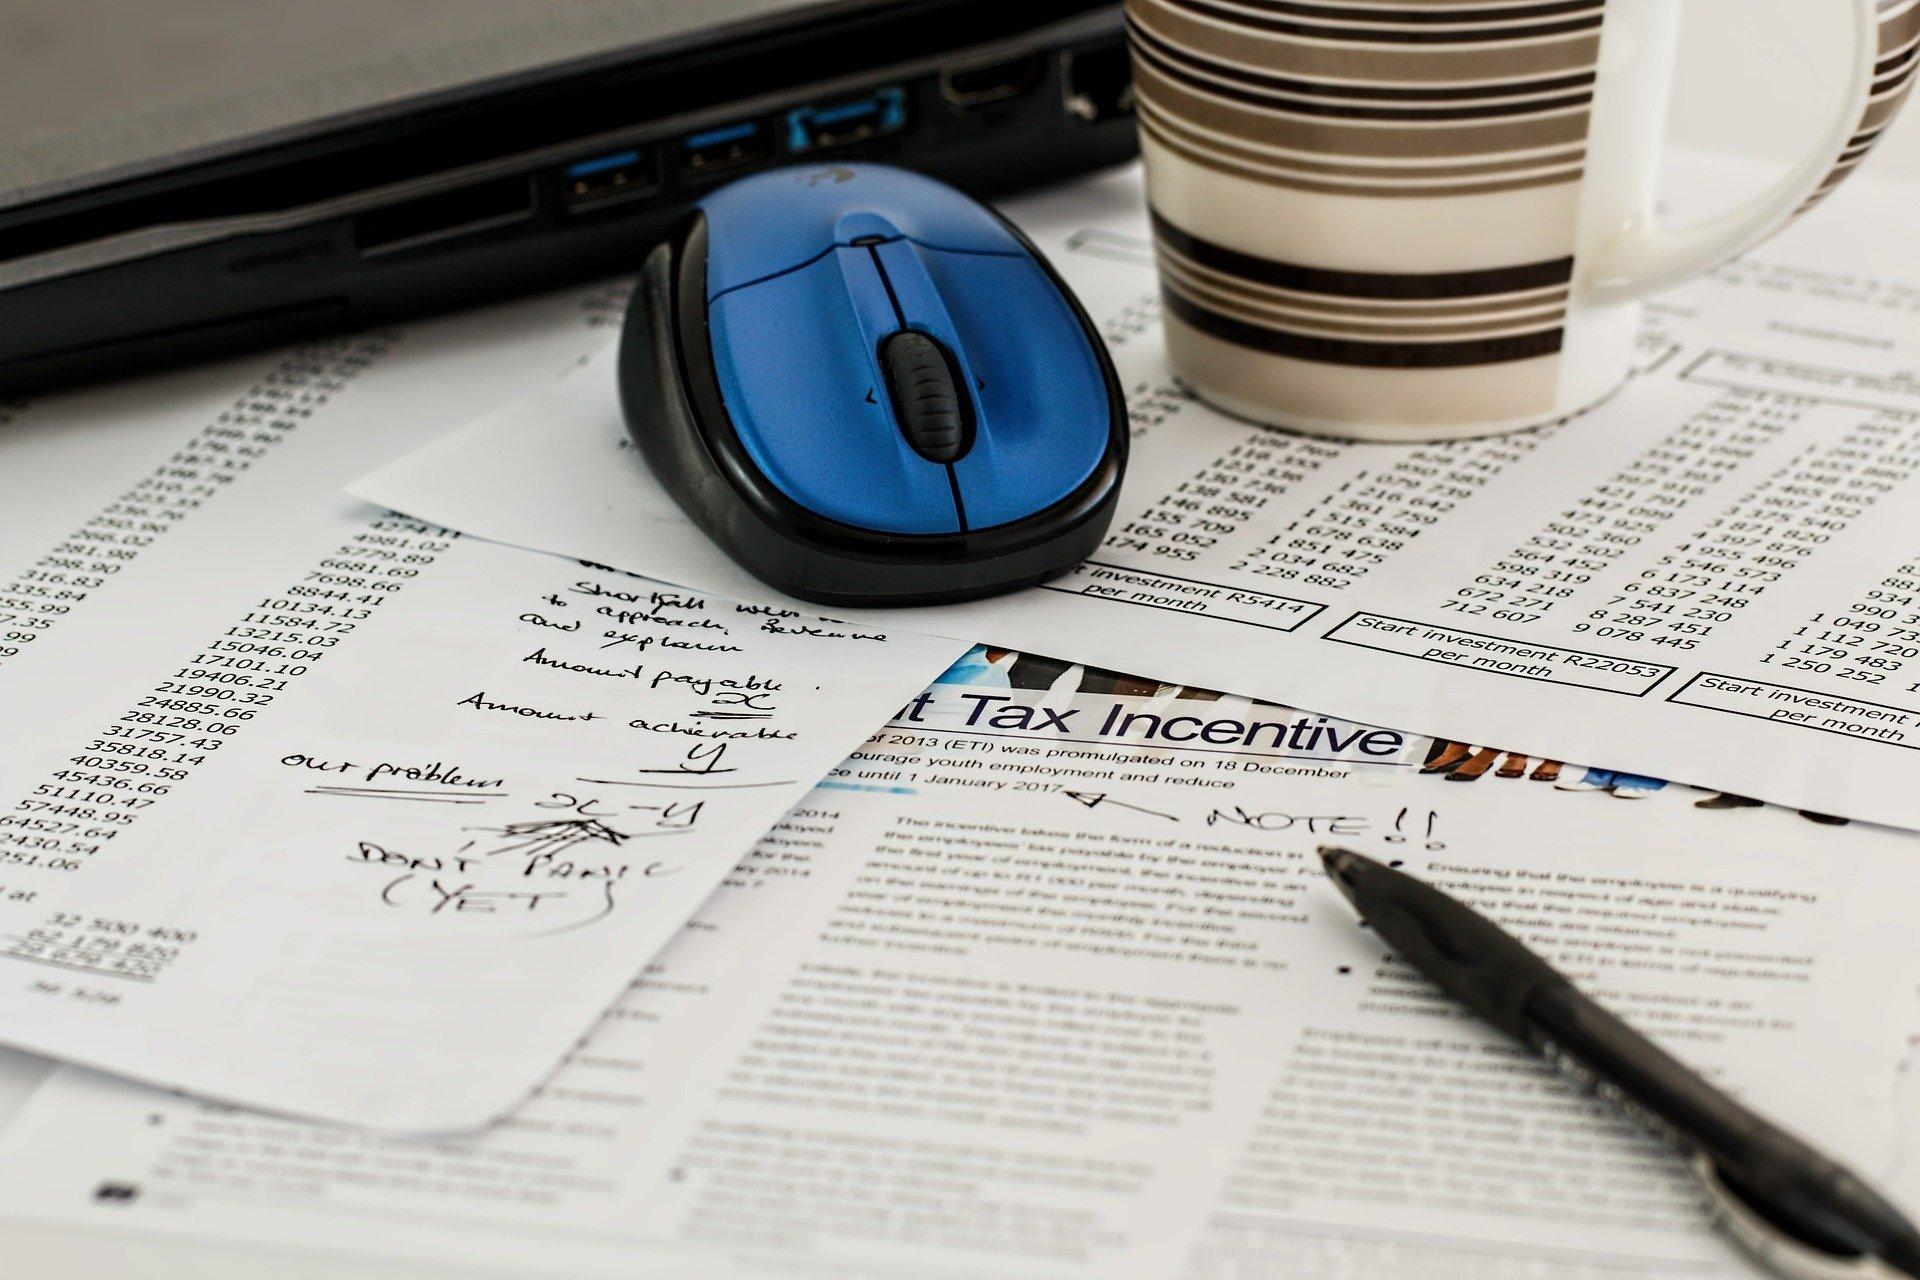 Jaké dokumenty potřebujeme ke zpracování účetní agendy?